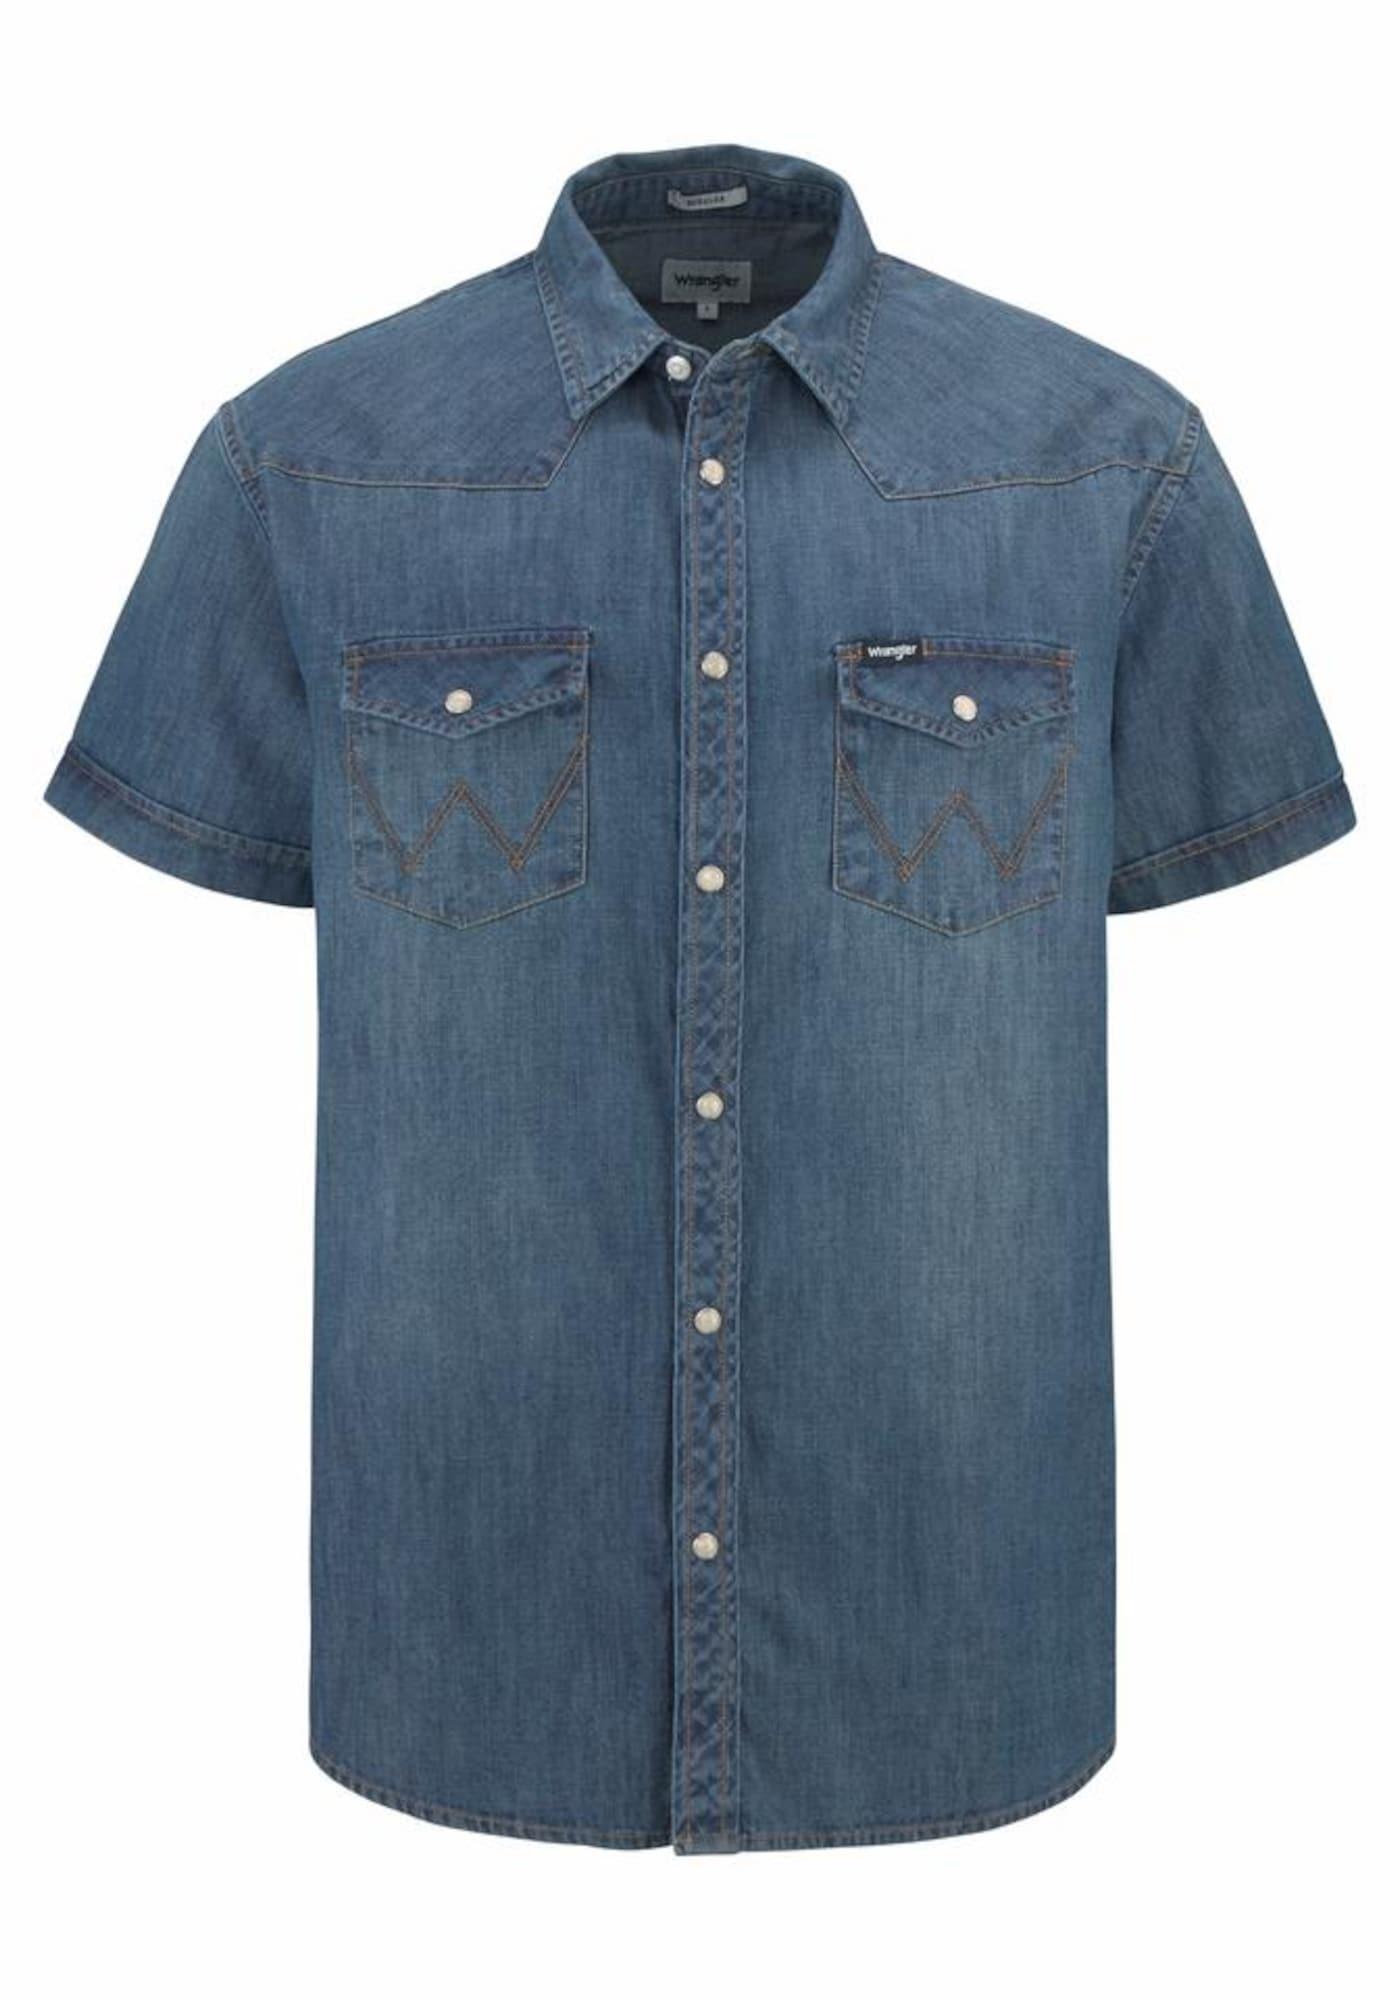 WRANGLER Heren Overhemd Western Shirt blauw